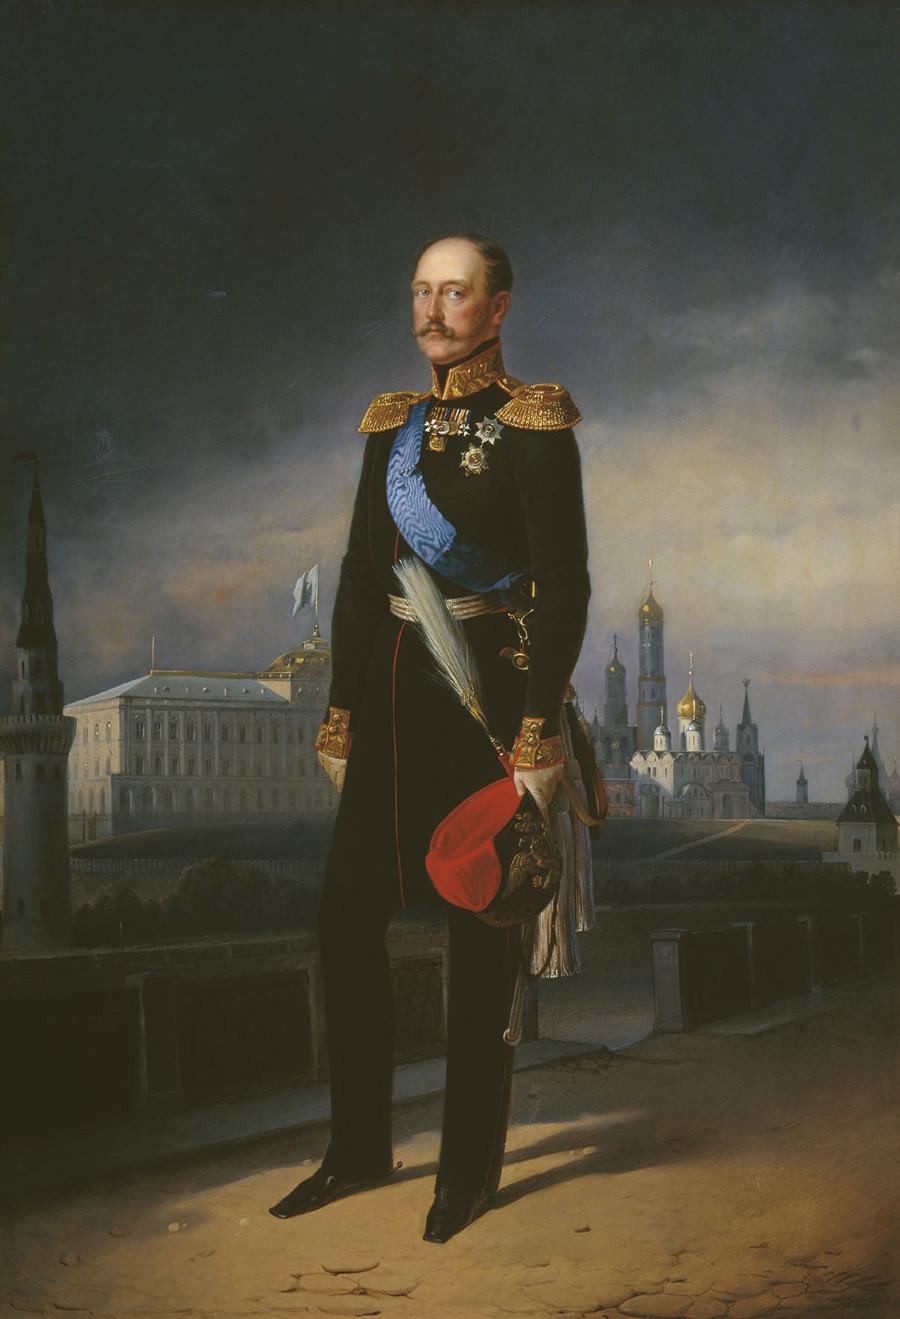 《尼古拉一世肖像》,叶戈尔·波特曼(Egor Botman)。图片来源:Alexander Pushkin Museum